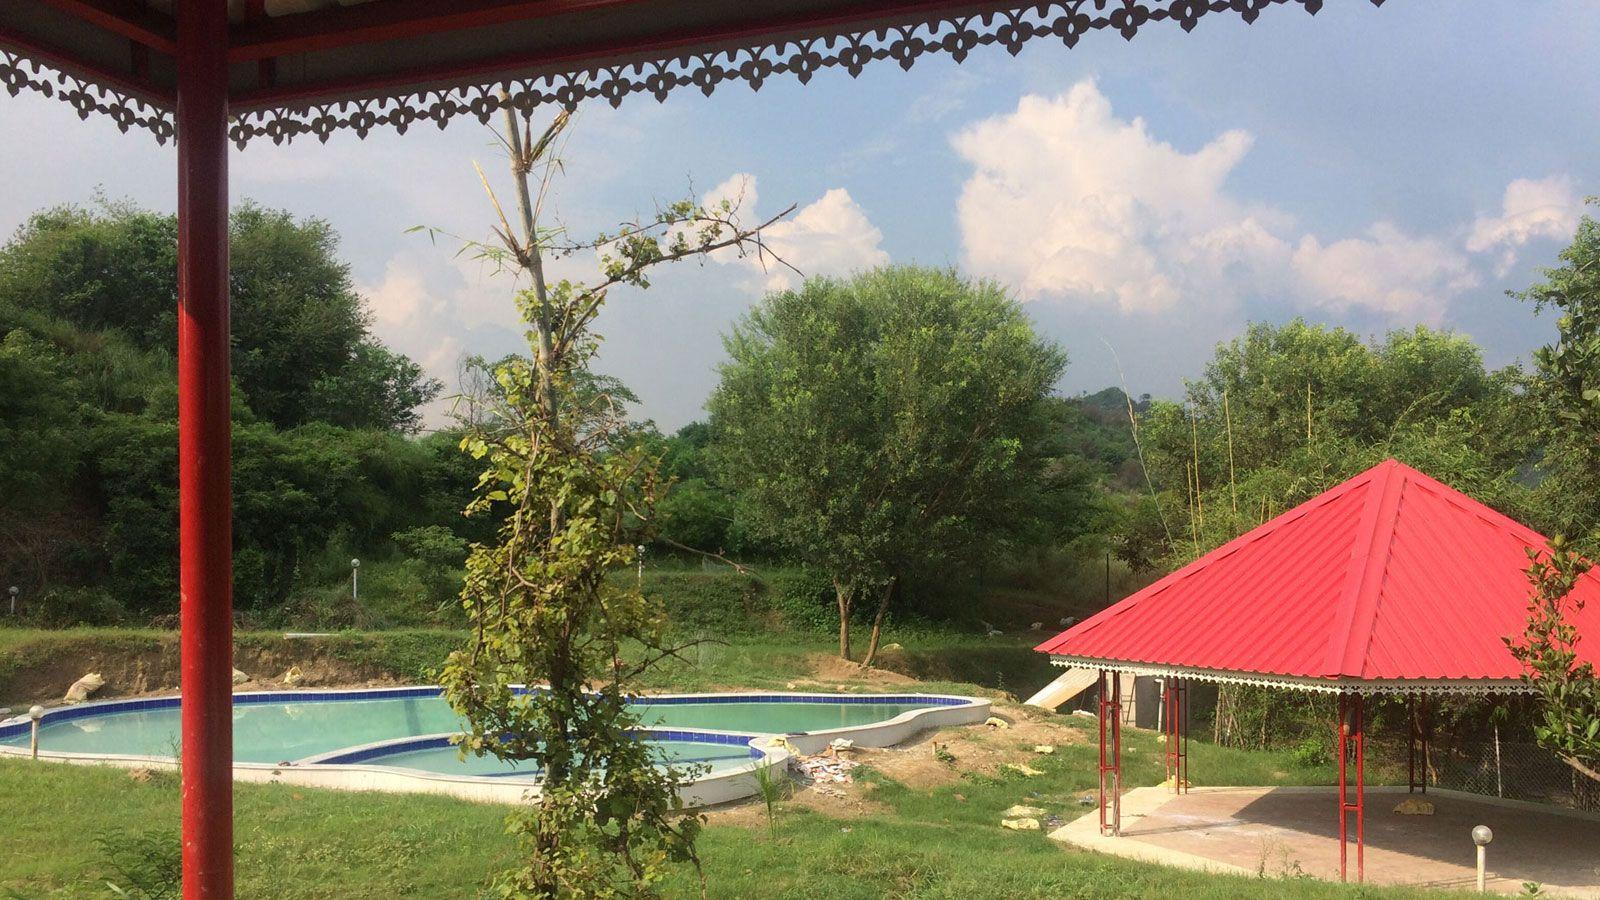 around pool prakritifarms